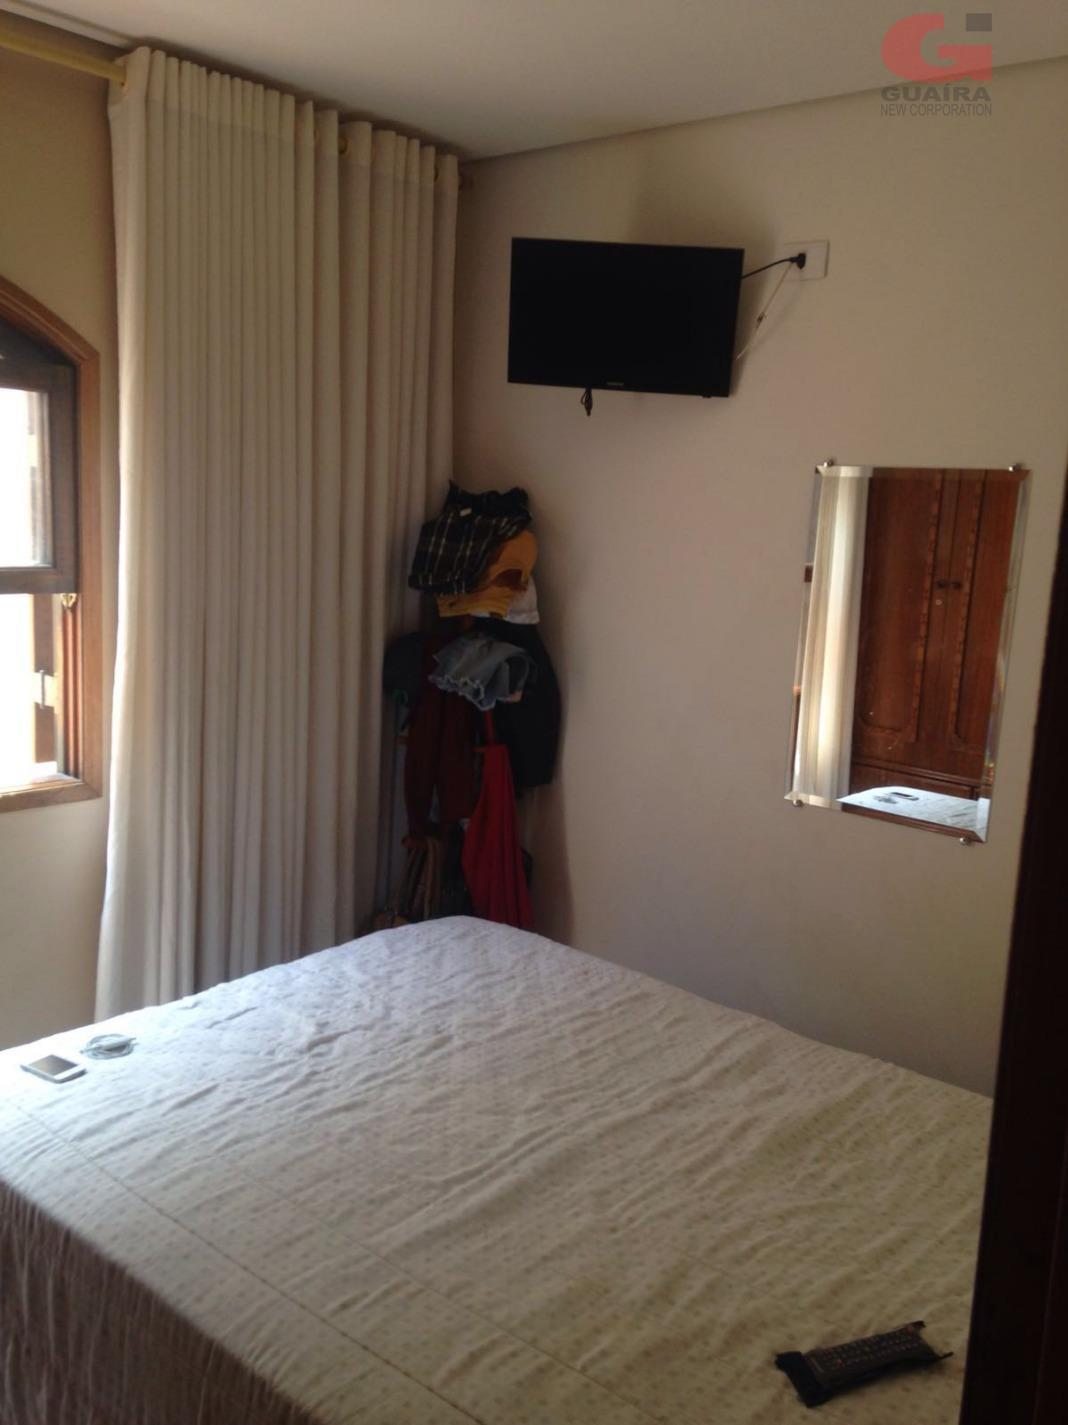 Sobrado de 4 dormitórios à venda em Jardim Irene, Santo André - SP